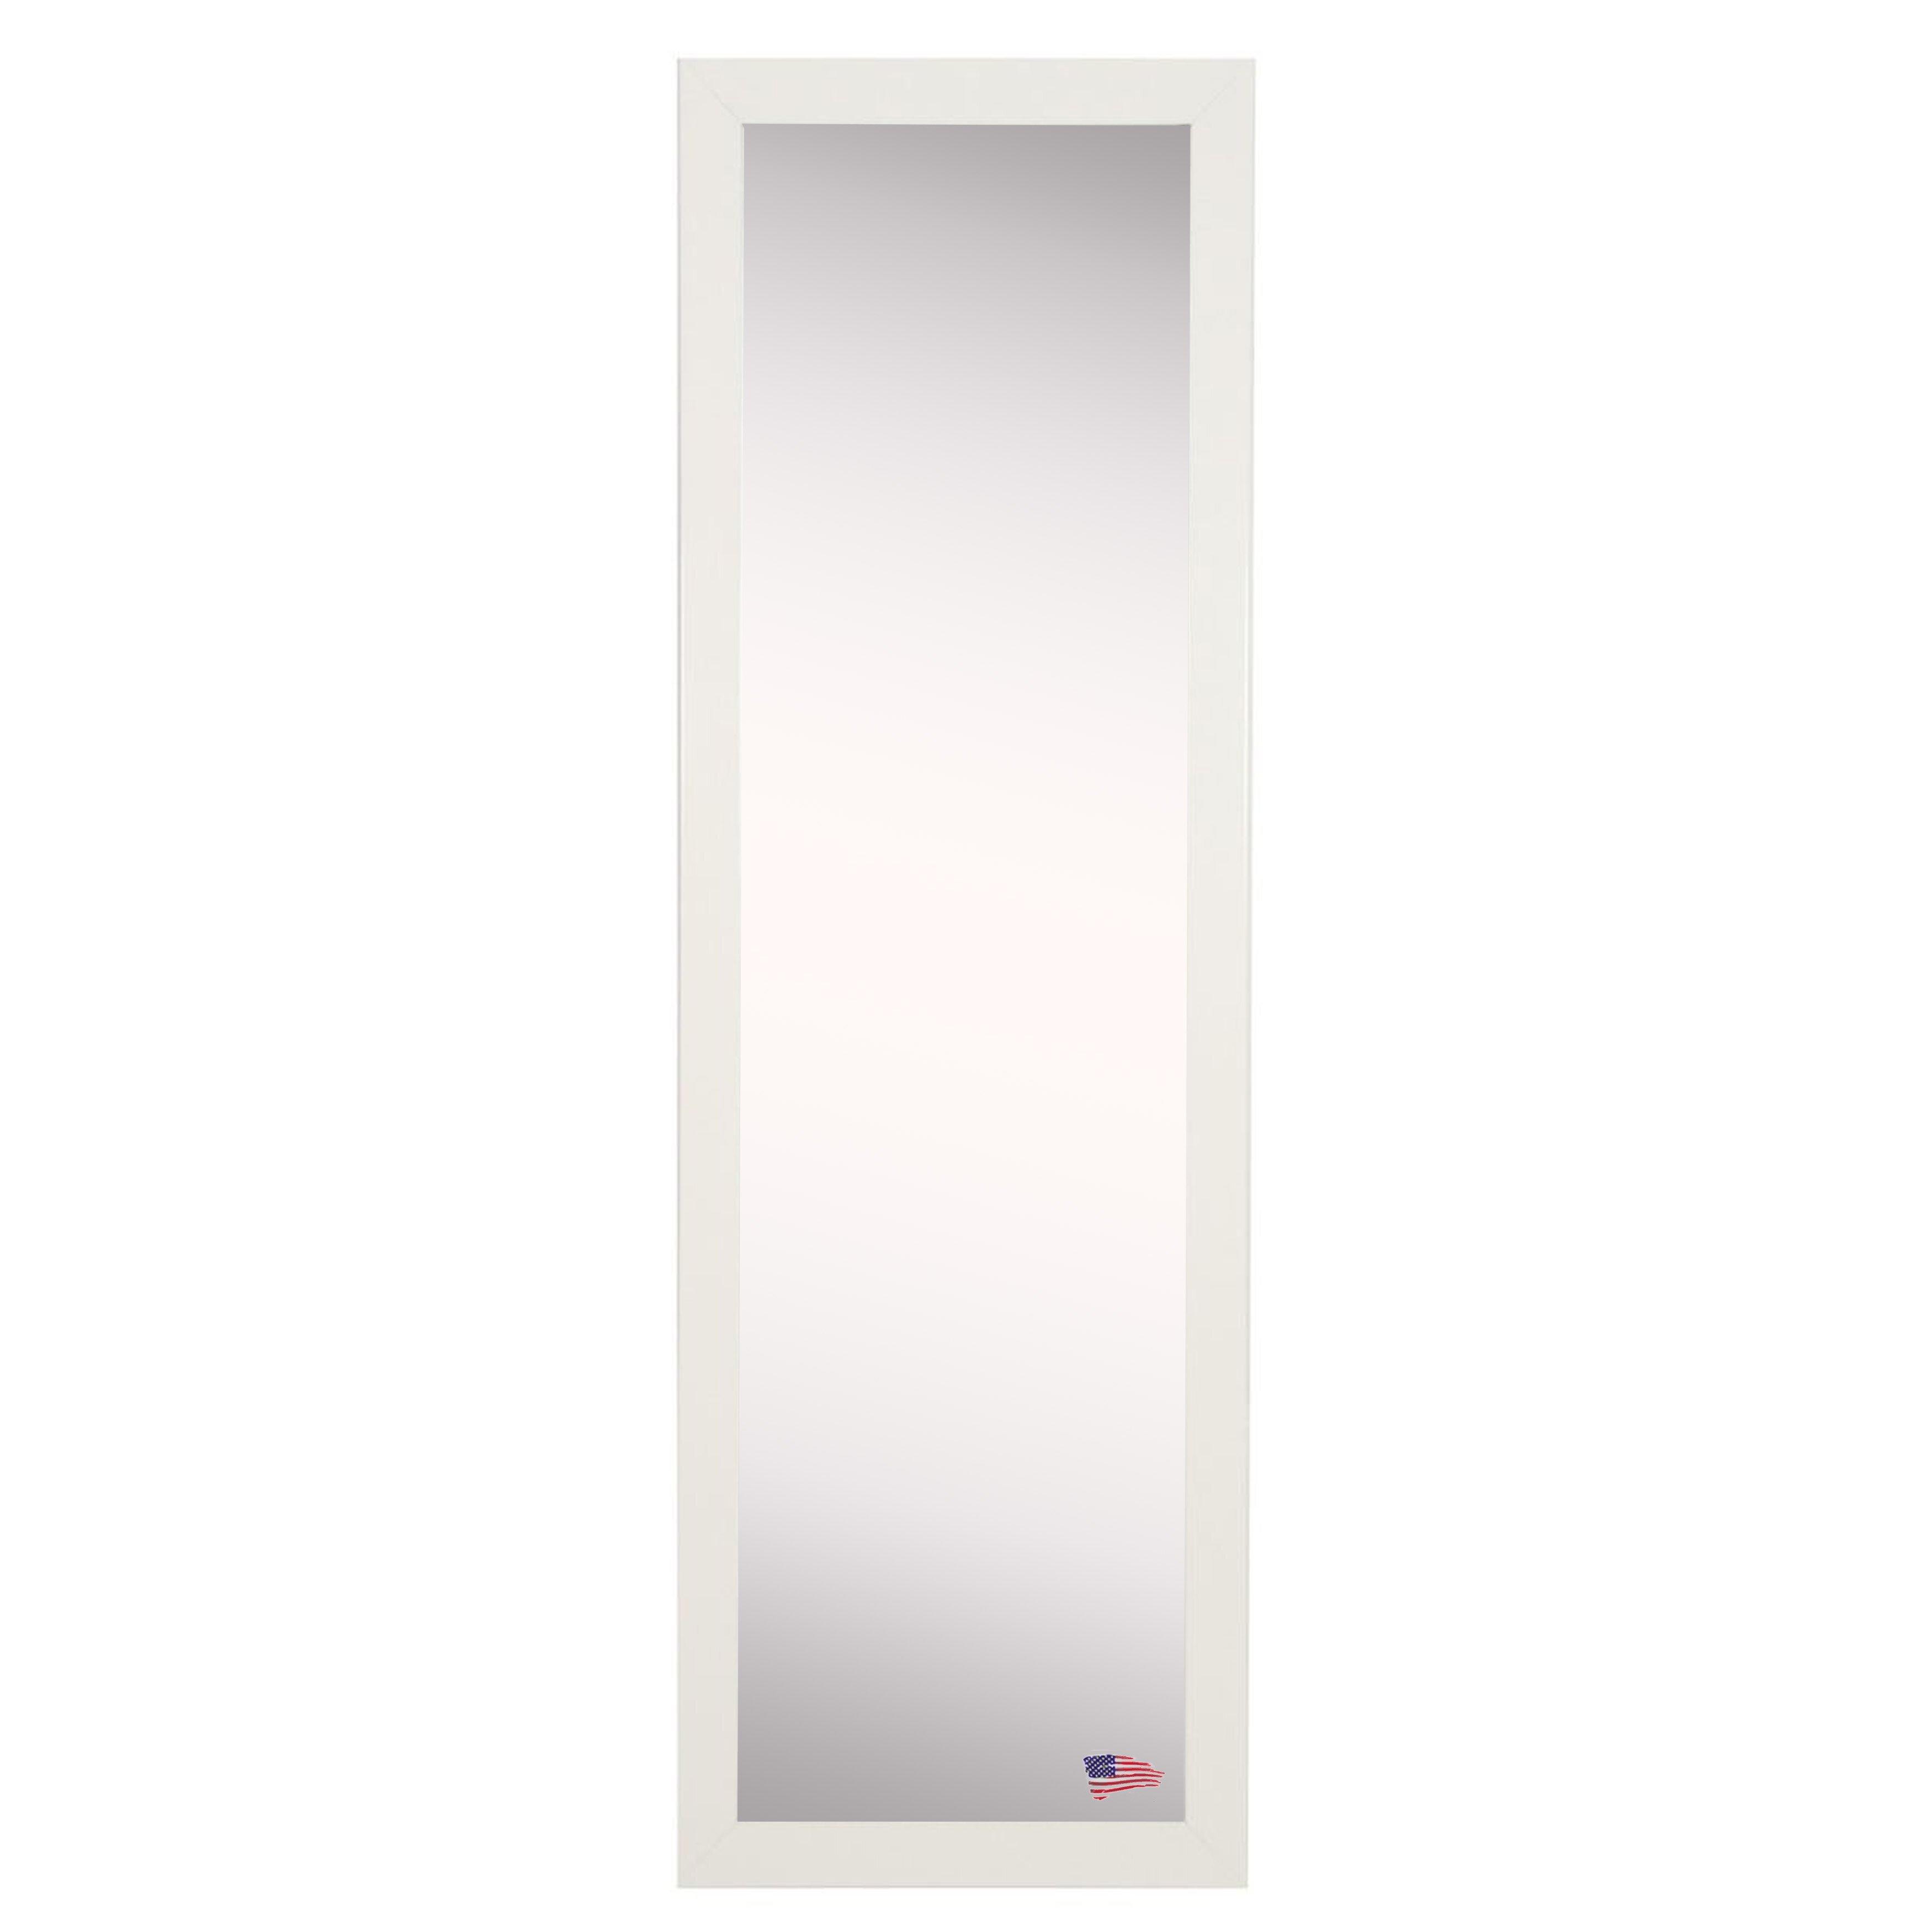 Rayne mirrors ava glossy white full length body mirror for White full length mirror